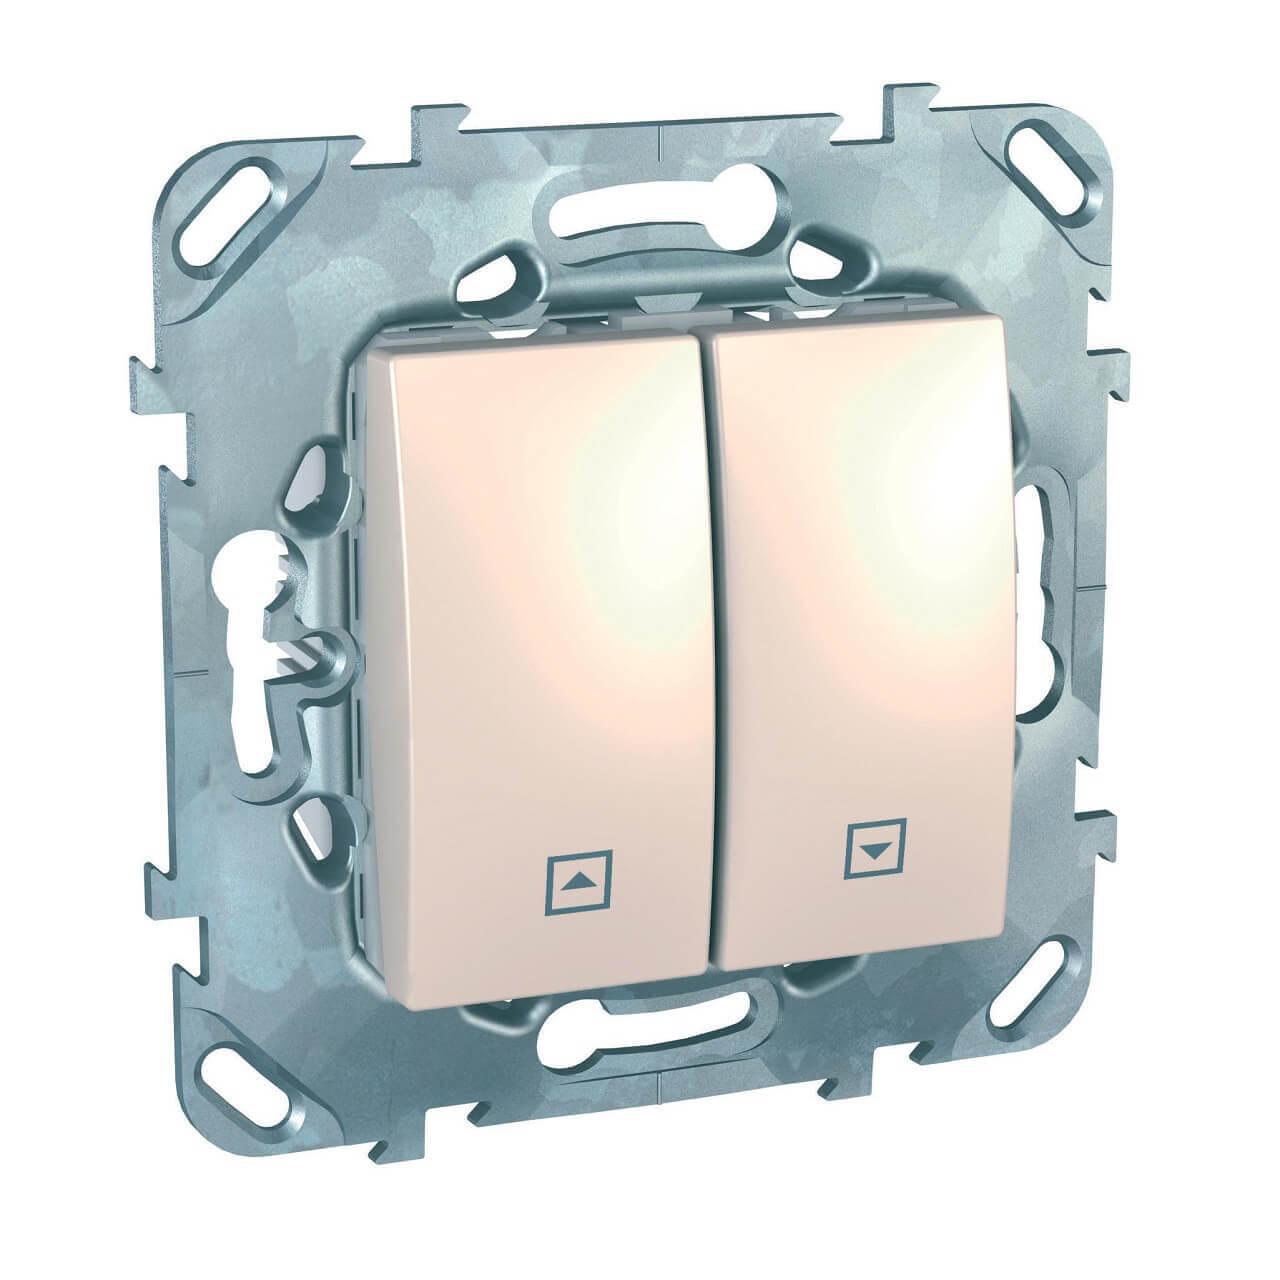 Выключатель двухклавишный кнопочный для жалюзи Schneider Electric Unica MGU5.207.25ZD выключатель двухклавишный для жалюзи schneider electric unica mgu5 208 25zd